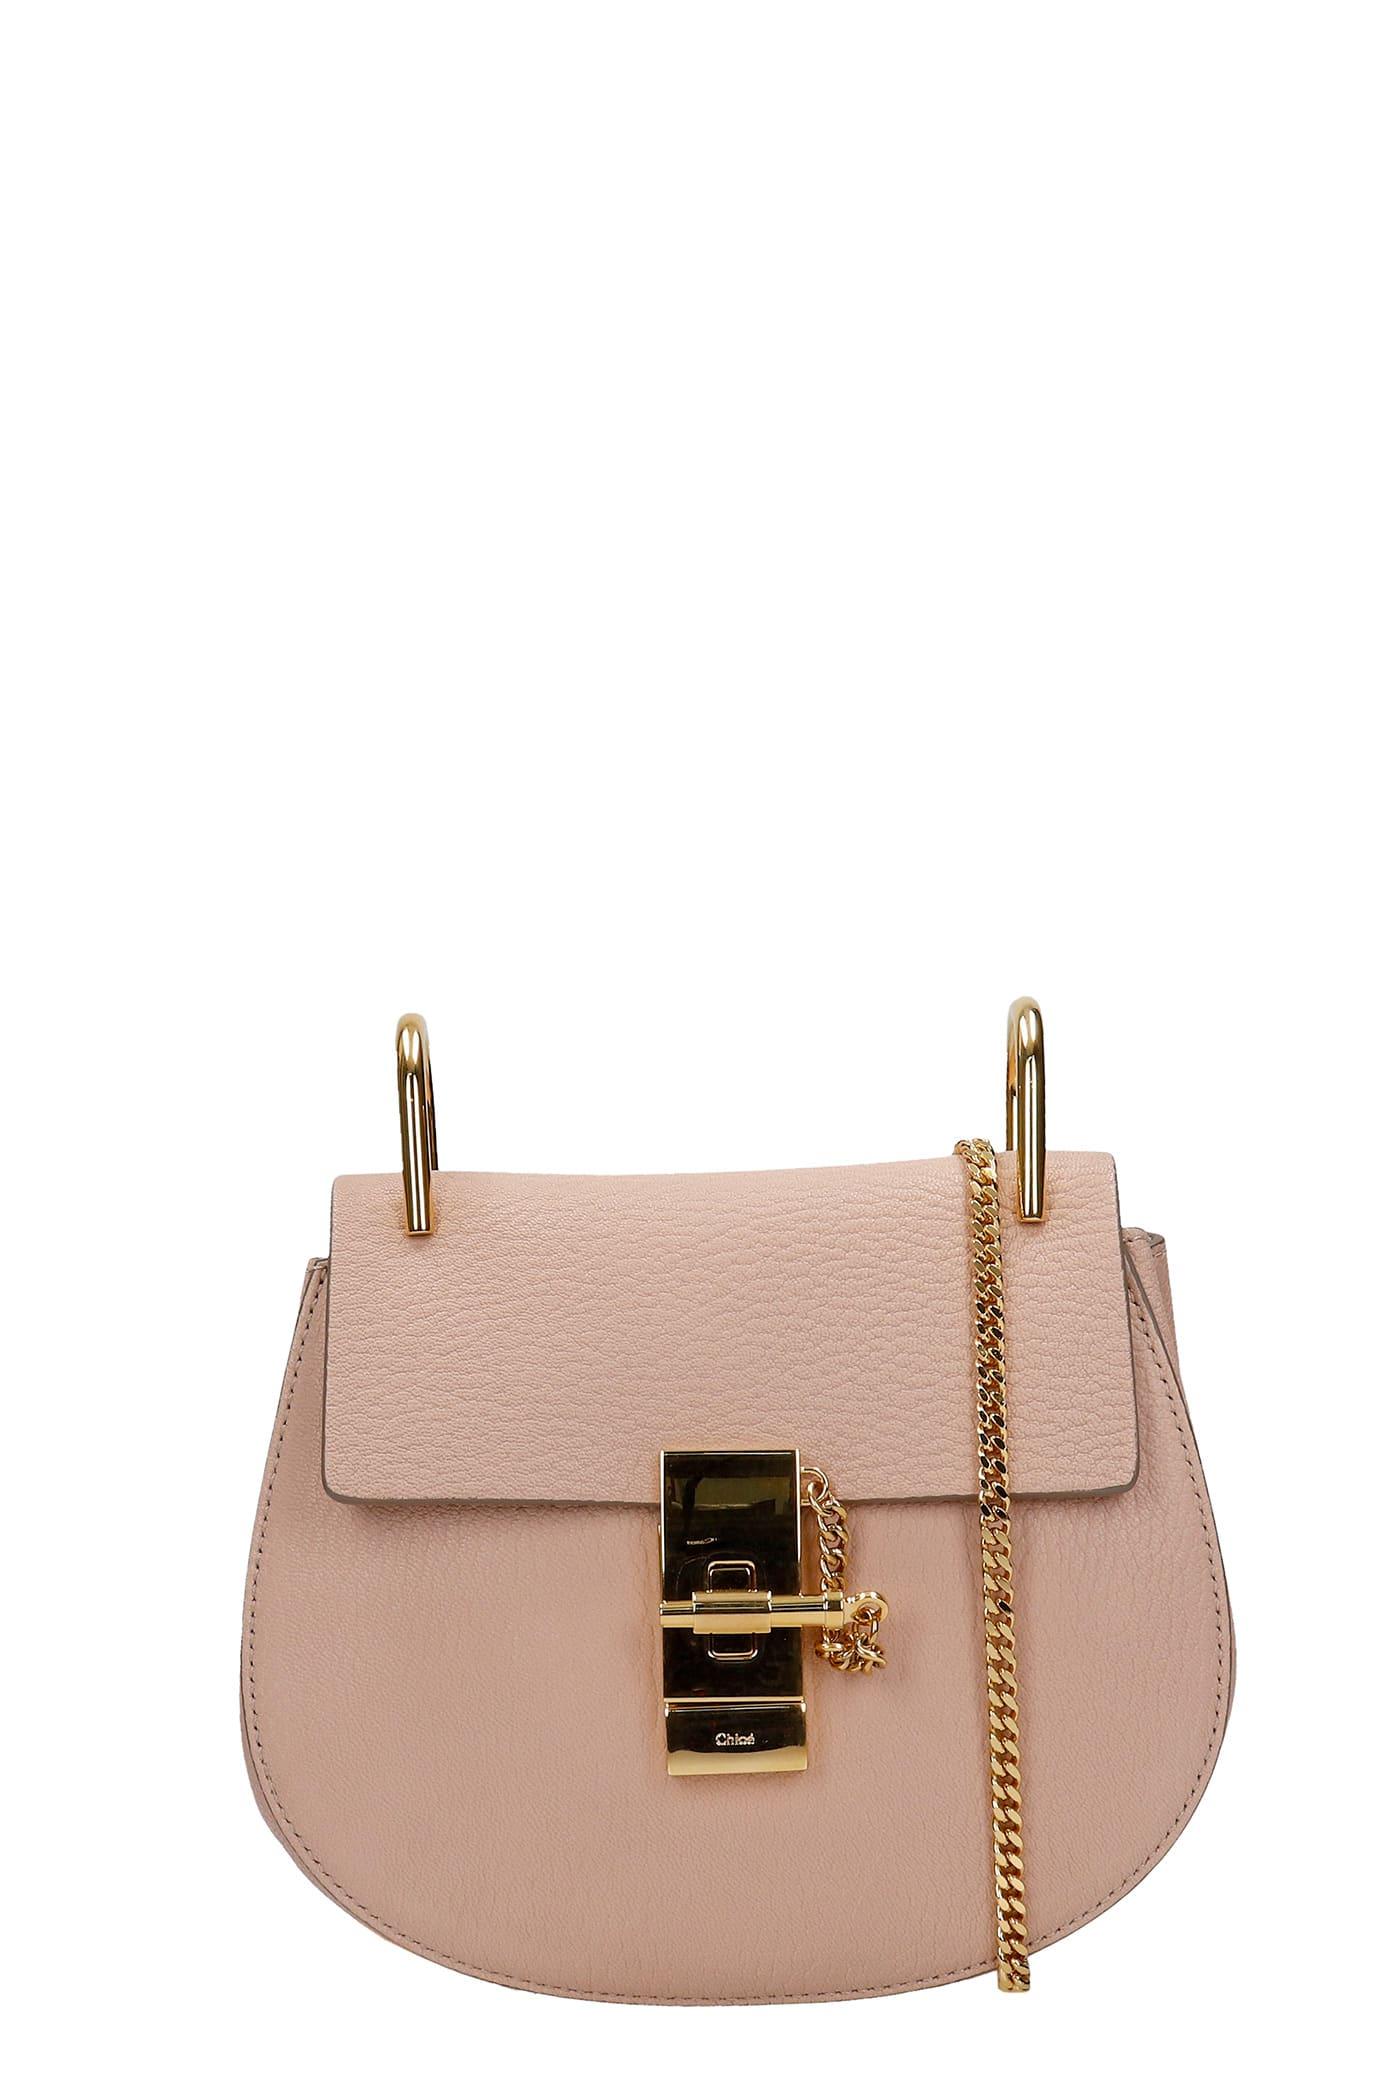 Chloé DREW SHOULDER BAG IN ROSE-PINK LEATHER